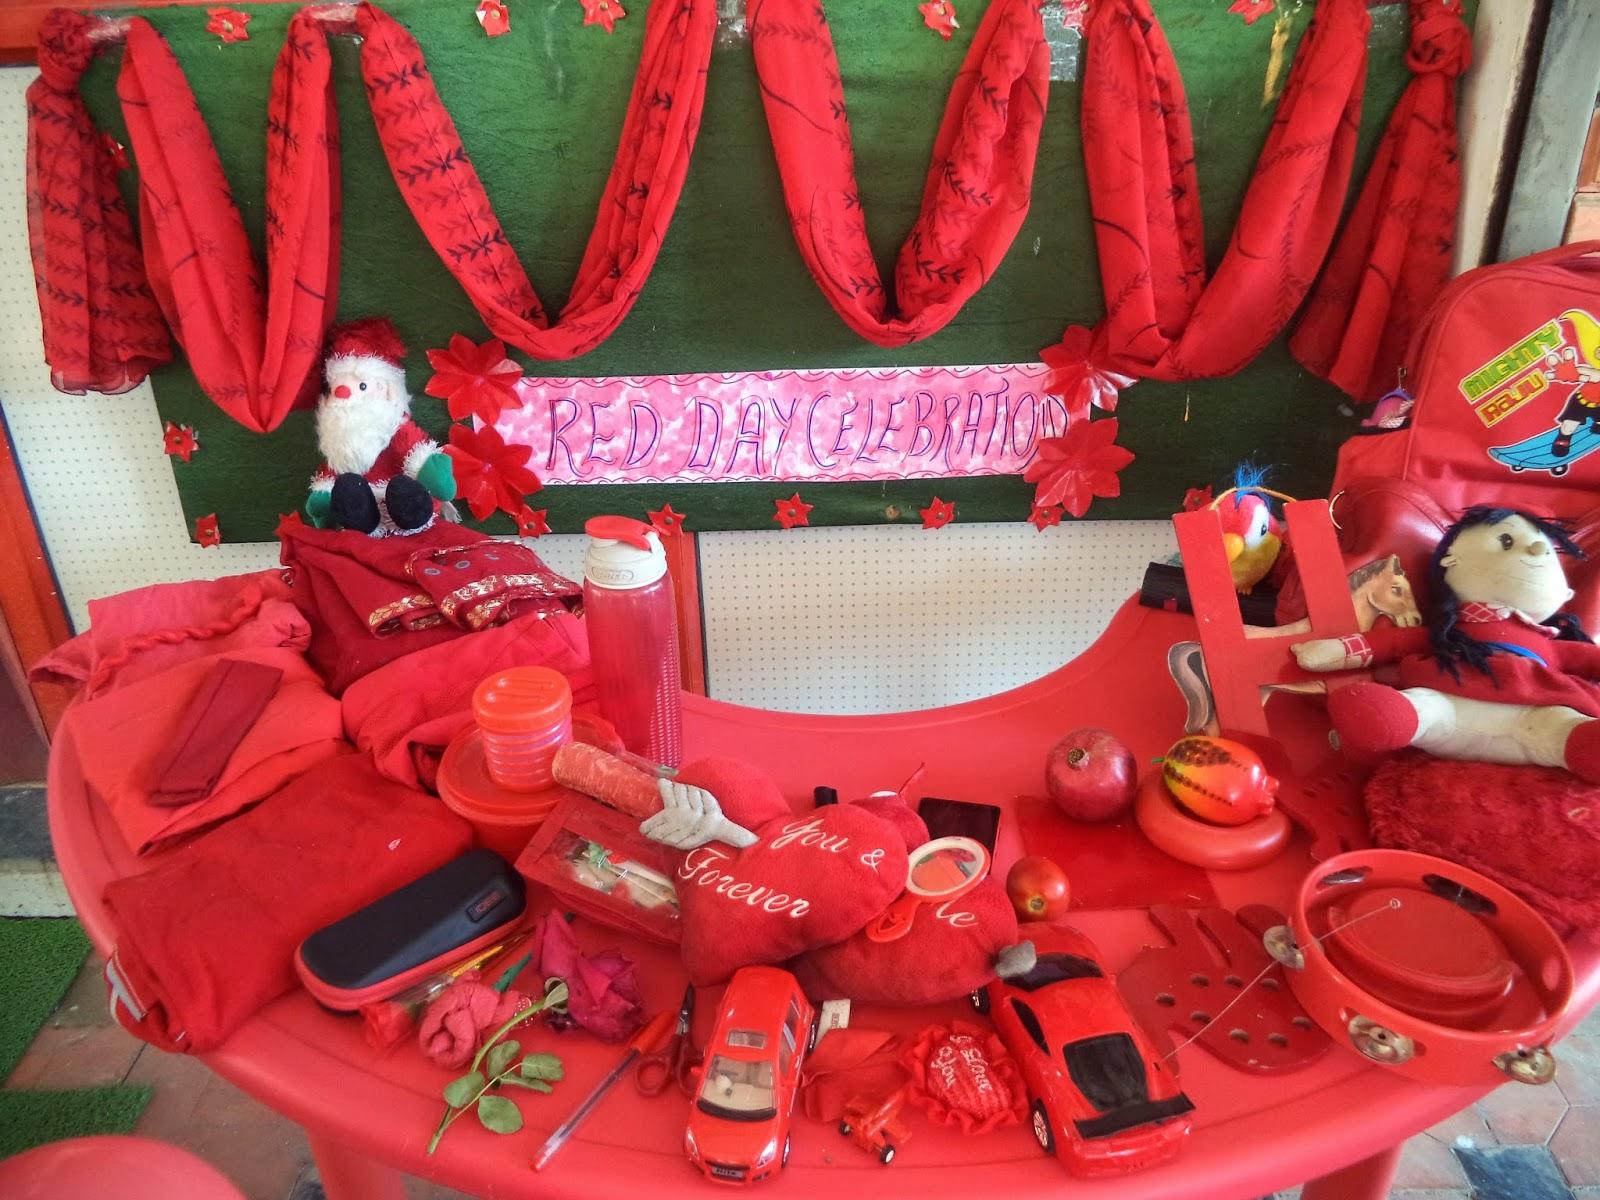 red day Nồi hấp elmich red velvet inox 5 đáy kích thước 24cm hàng chính hãng nồi hấp elmich red velvet giá rẻ giao hàng miễn phí.